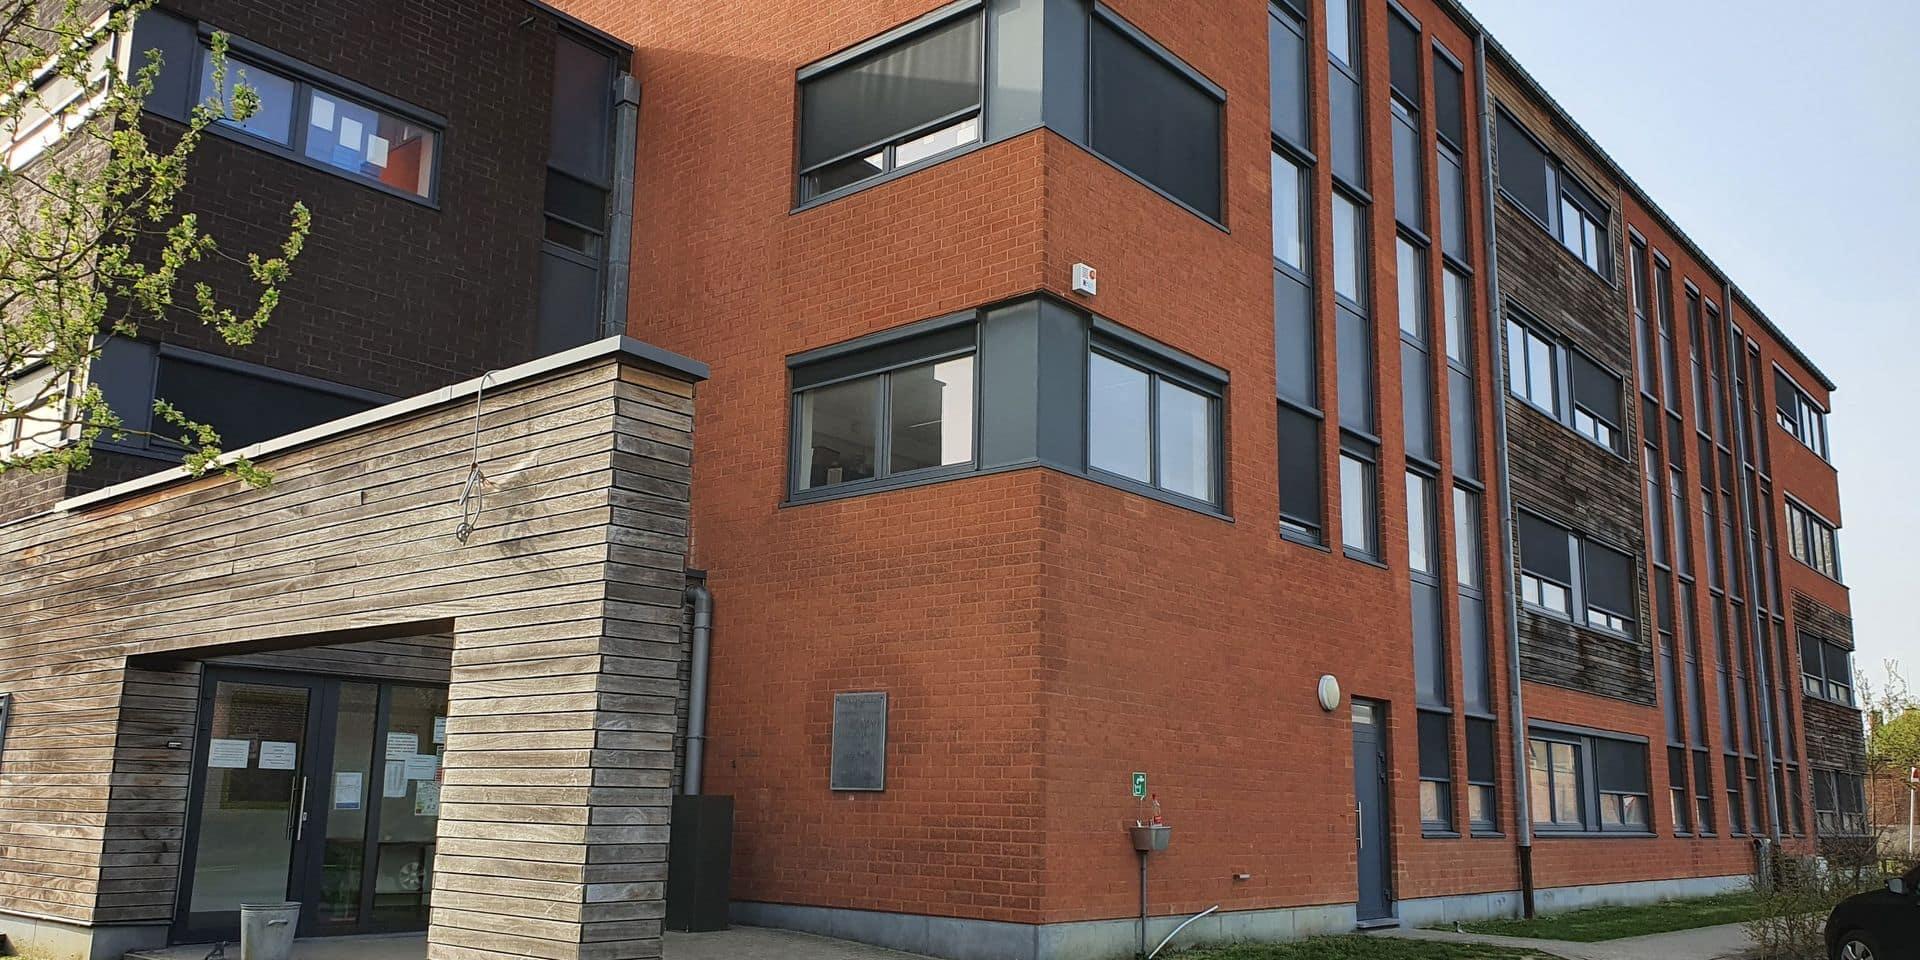 Le CPAS de Tournai va garder la gestion exclusive de 221 logements à Tournai